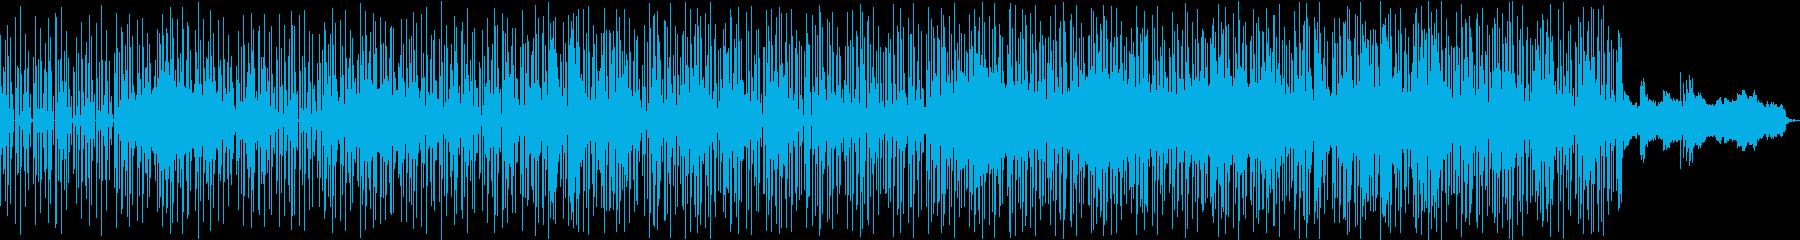 かっこよくて力強いラップメロディーの再生済みの波形